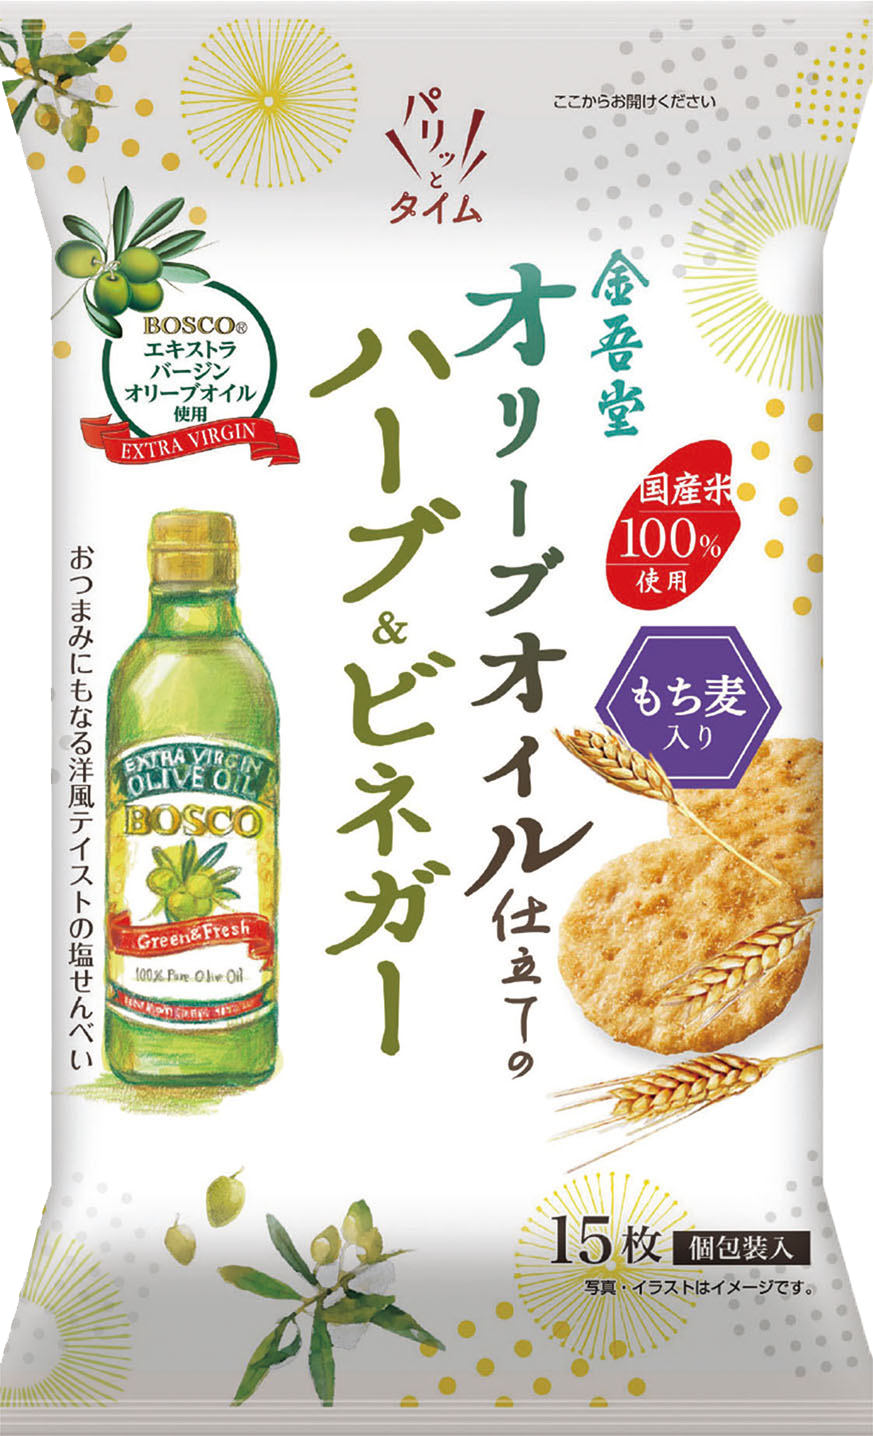 オリーブオイル仕立ての塩せんべい<br /> ハーブ&ビネガー風味